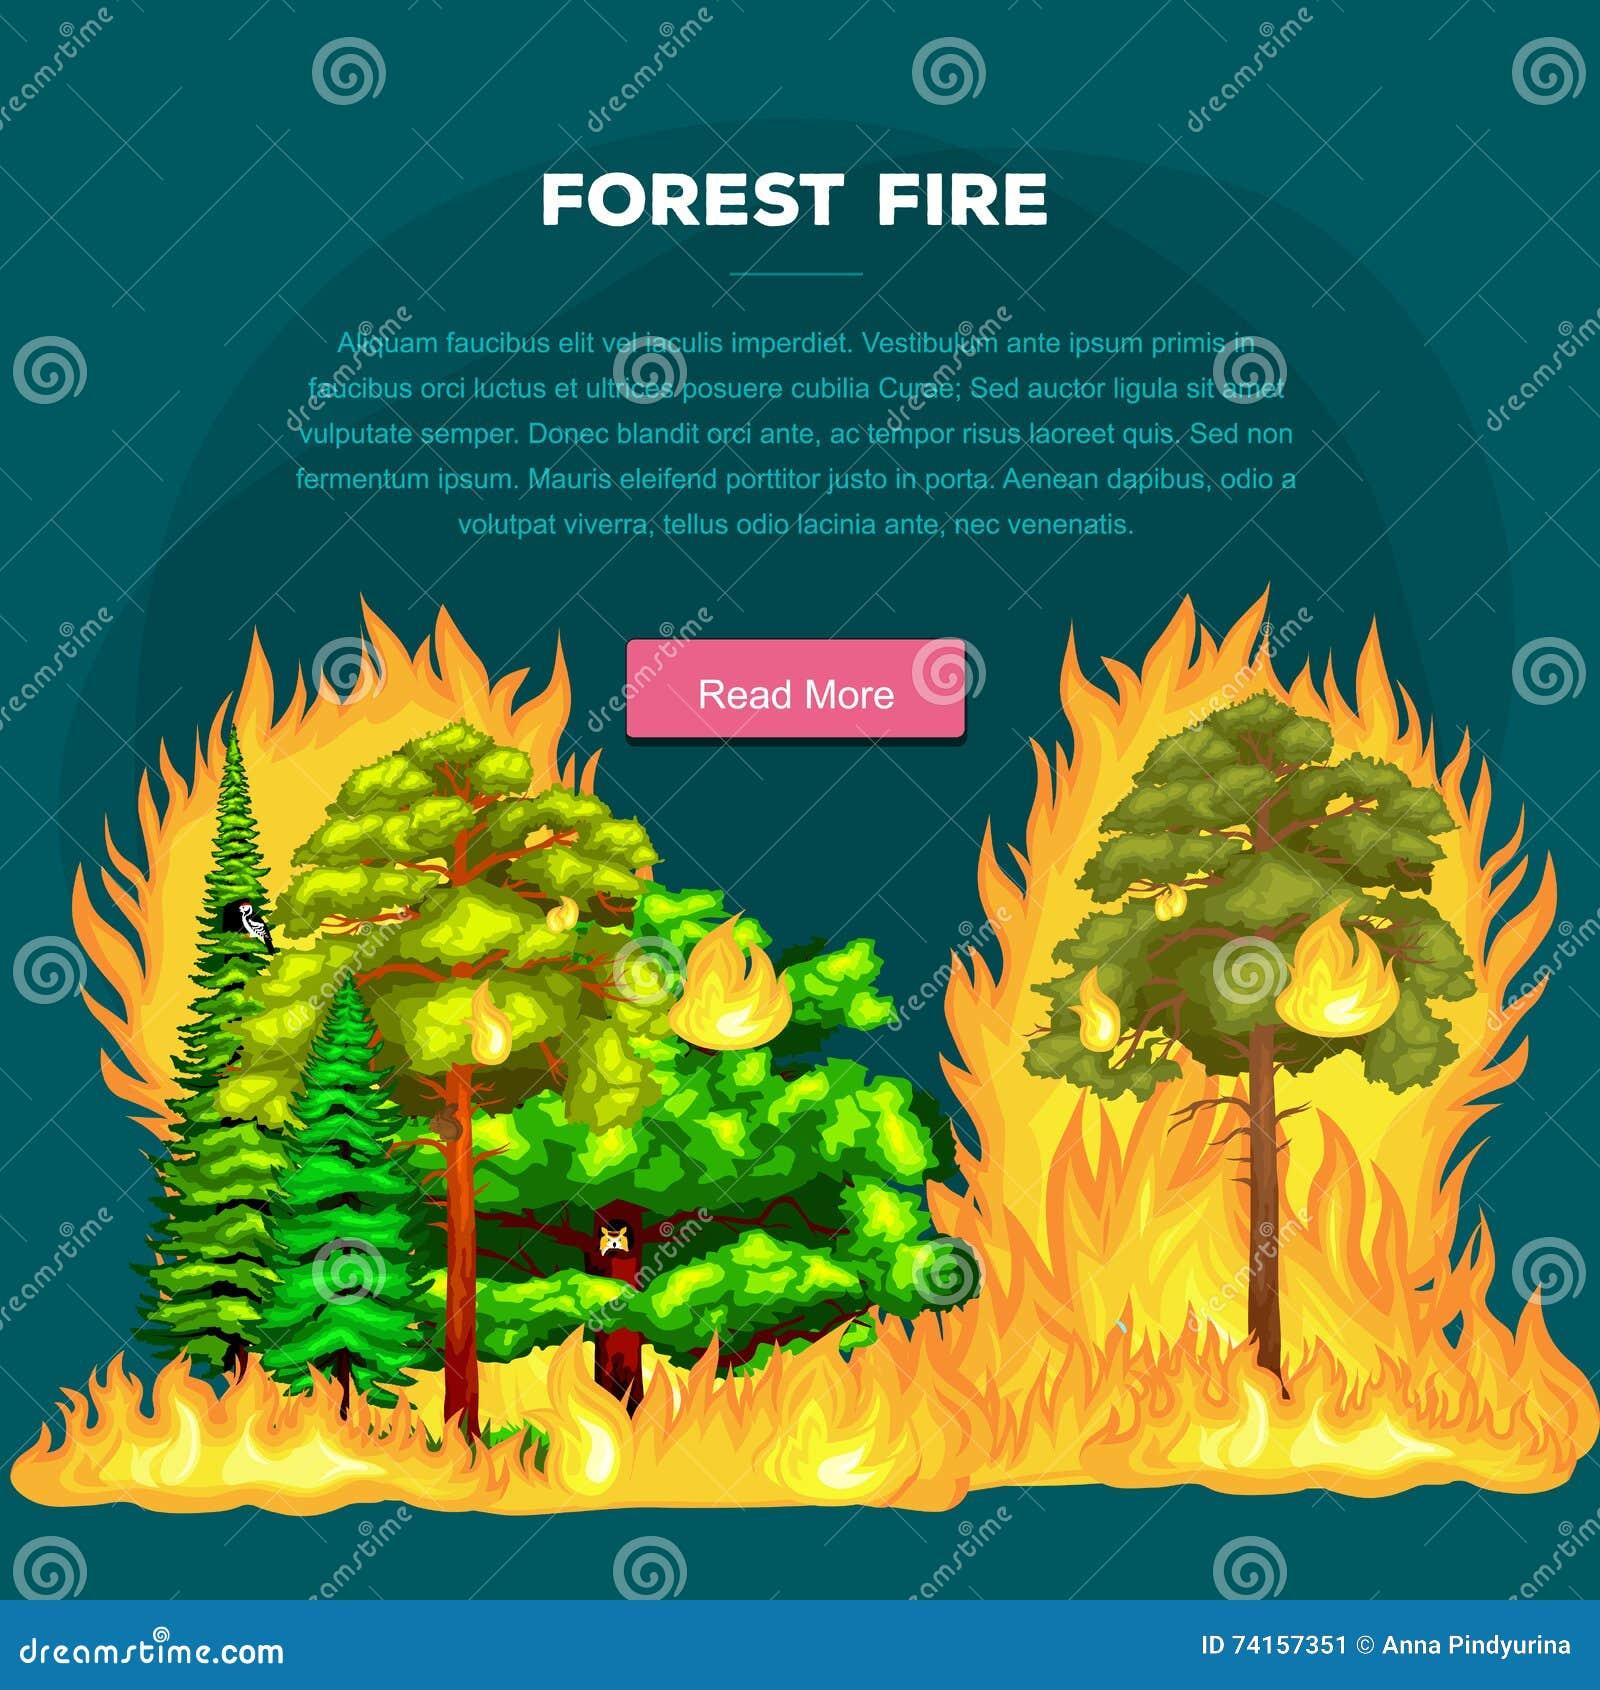 Forest Fire, Feuer im Waldlandschaftsschaden, Naturökologieunfall, heiße brennende Bäume, Gefahrenwaldbrandflamme mit